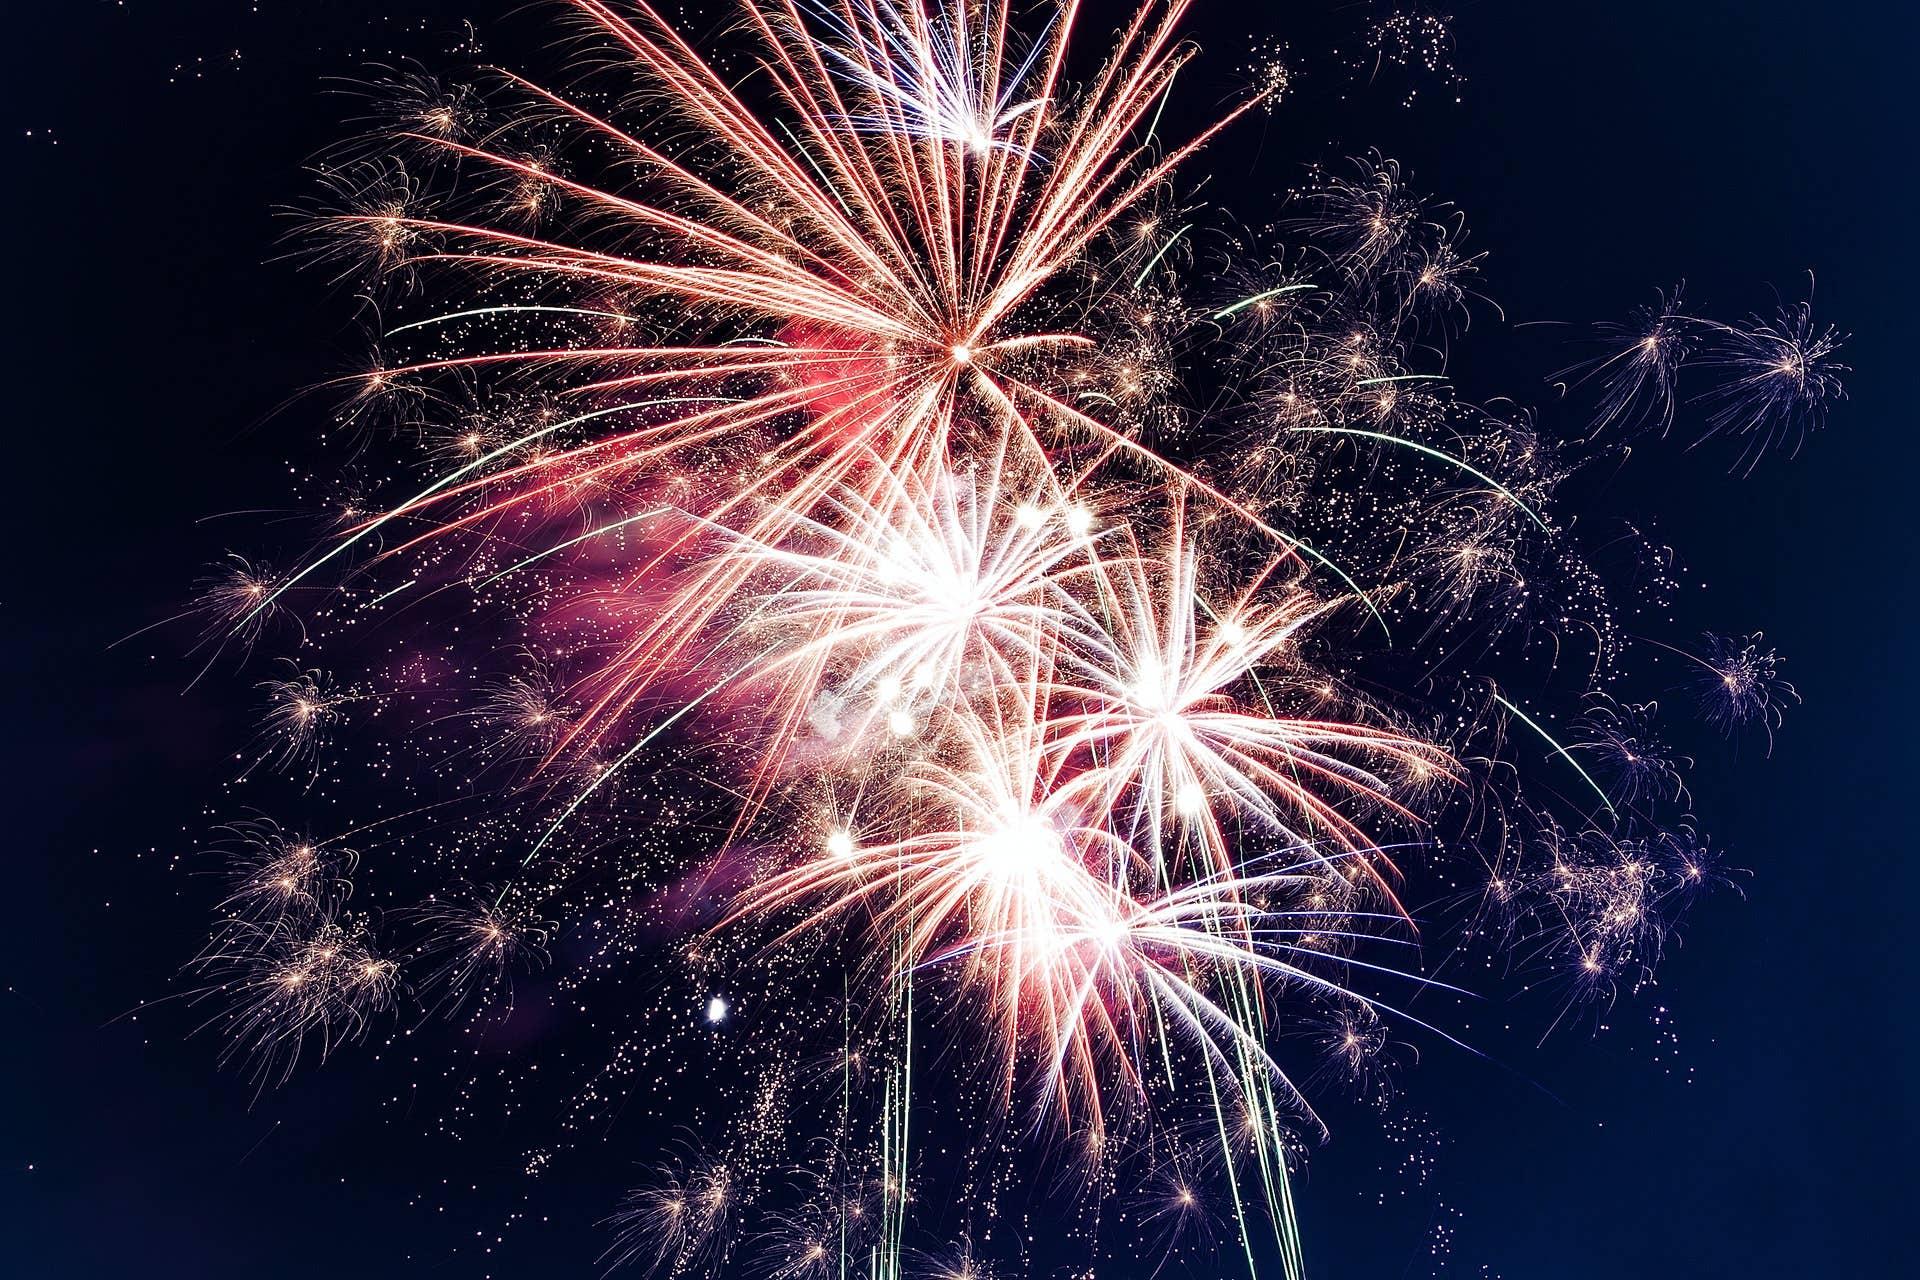 Fireworks: How to keep your dog calm - myDoggySocial